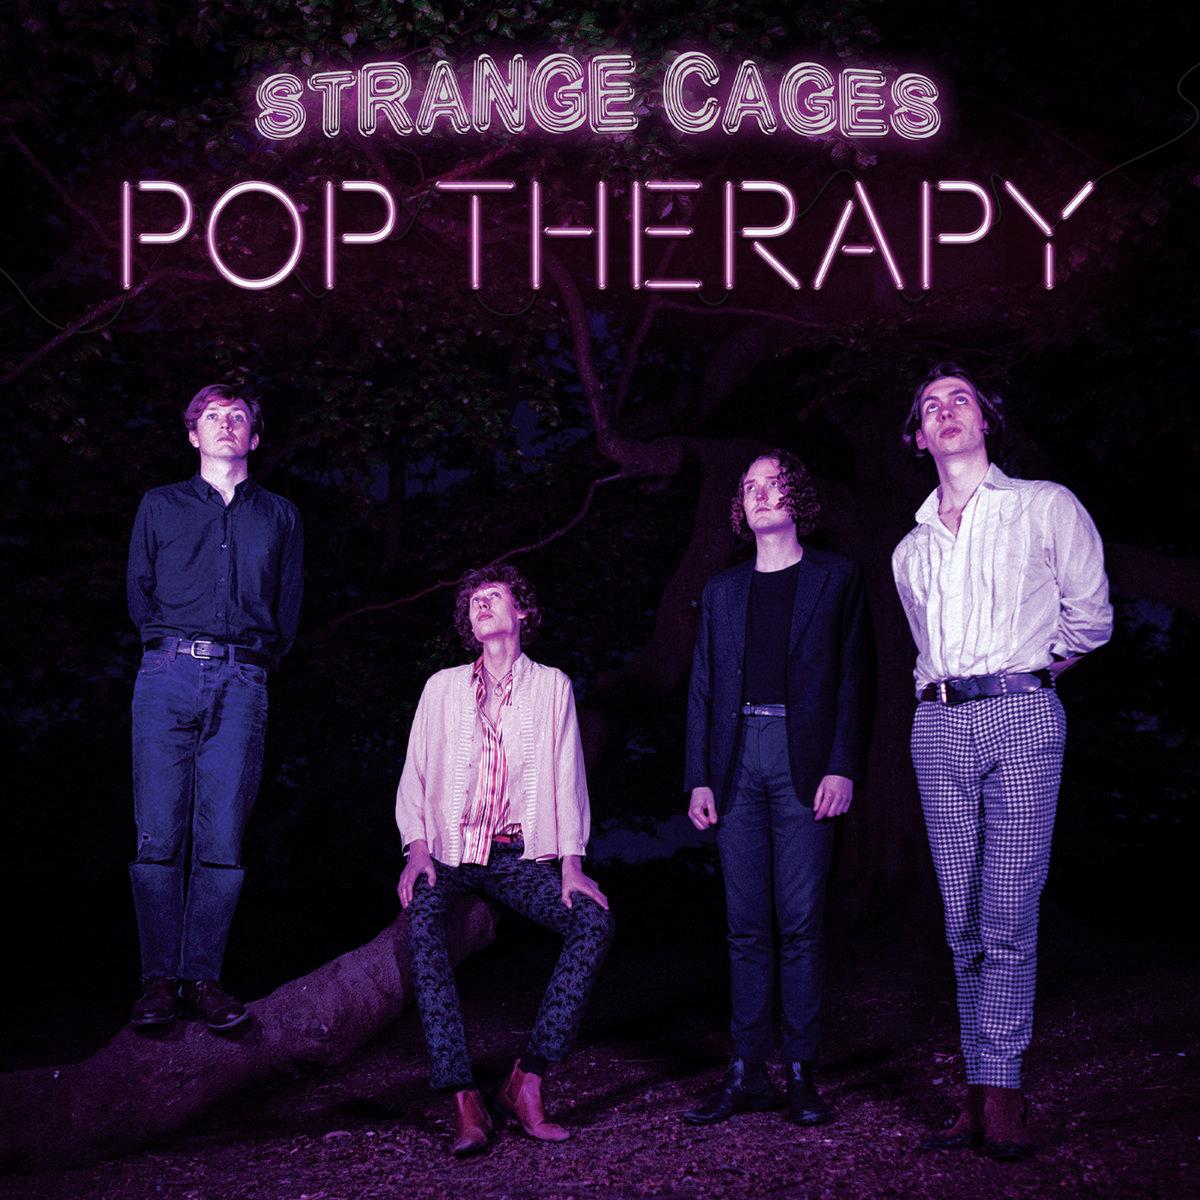 Strange Cages